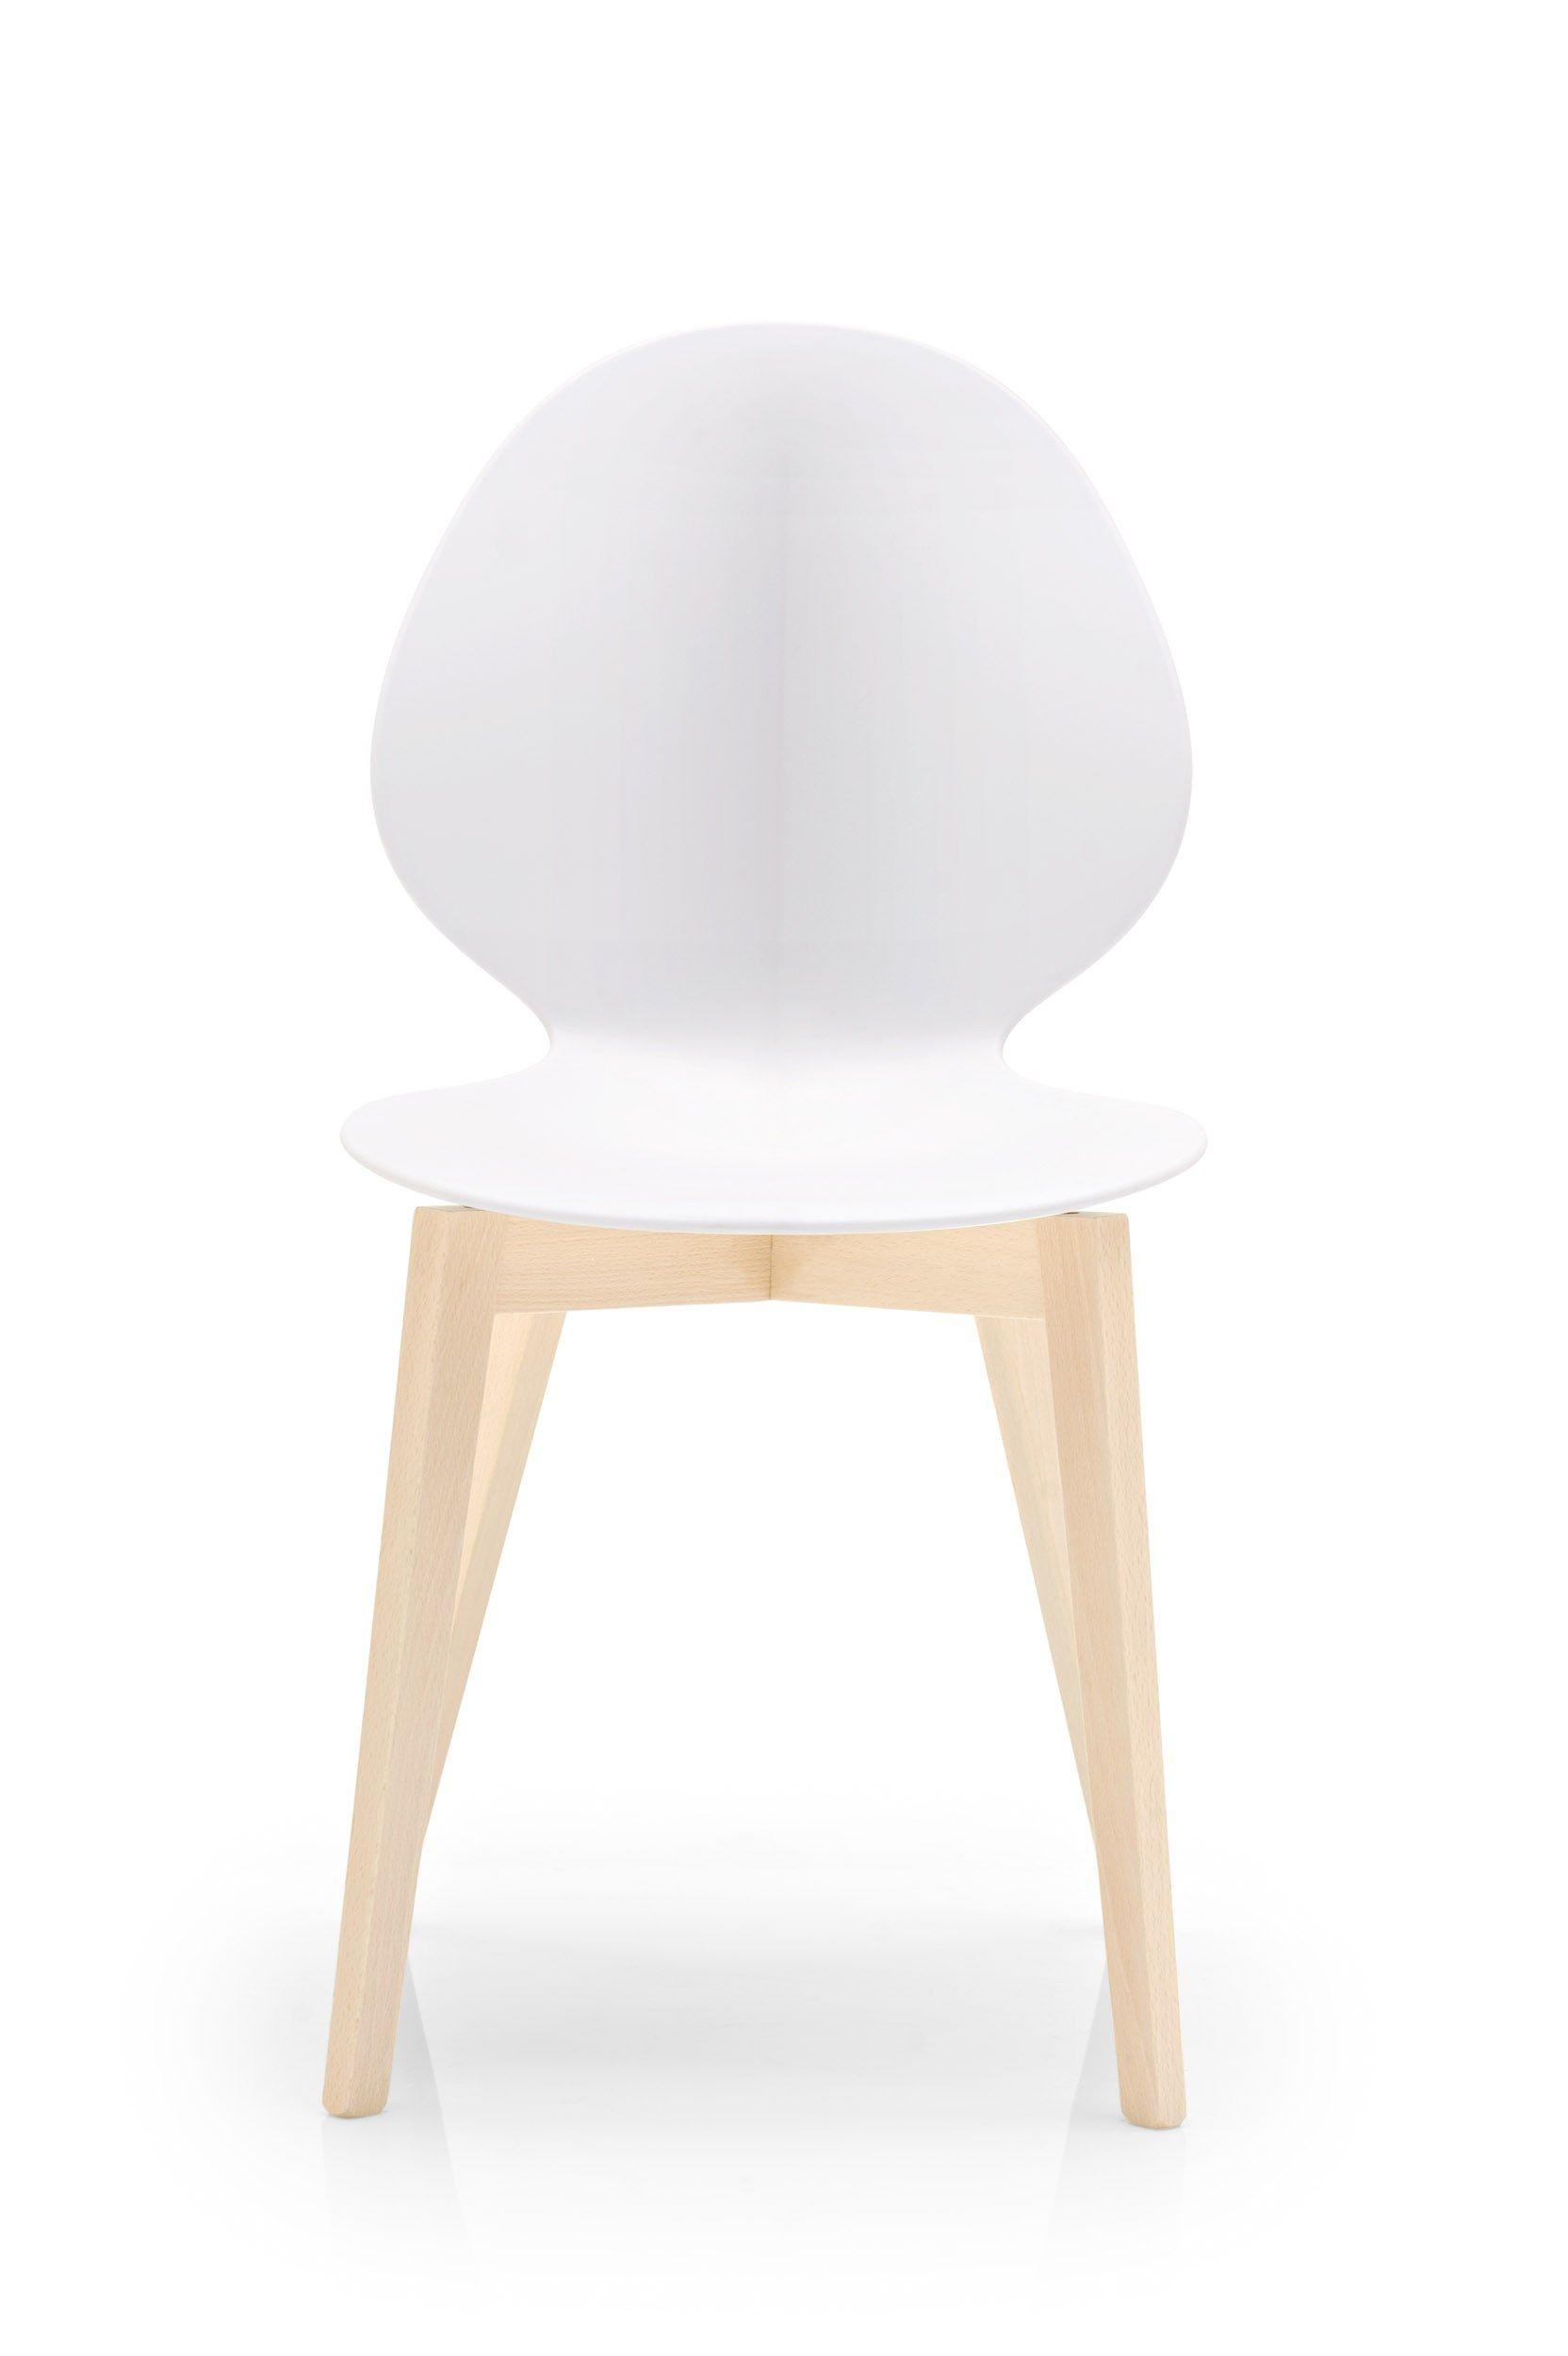 Sedie Calligaris Compra Online ~ bukadar.info = galleria di sedie ...